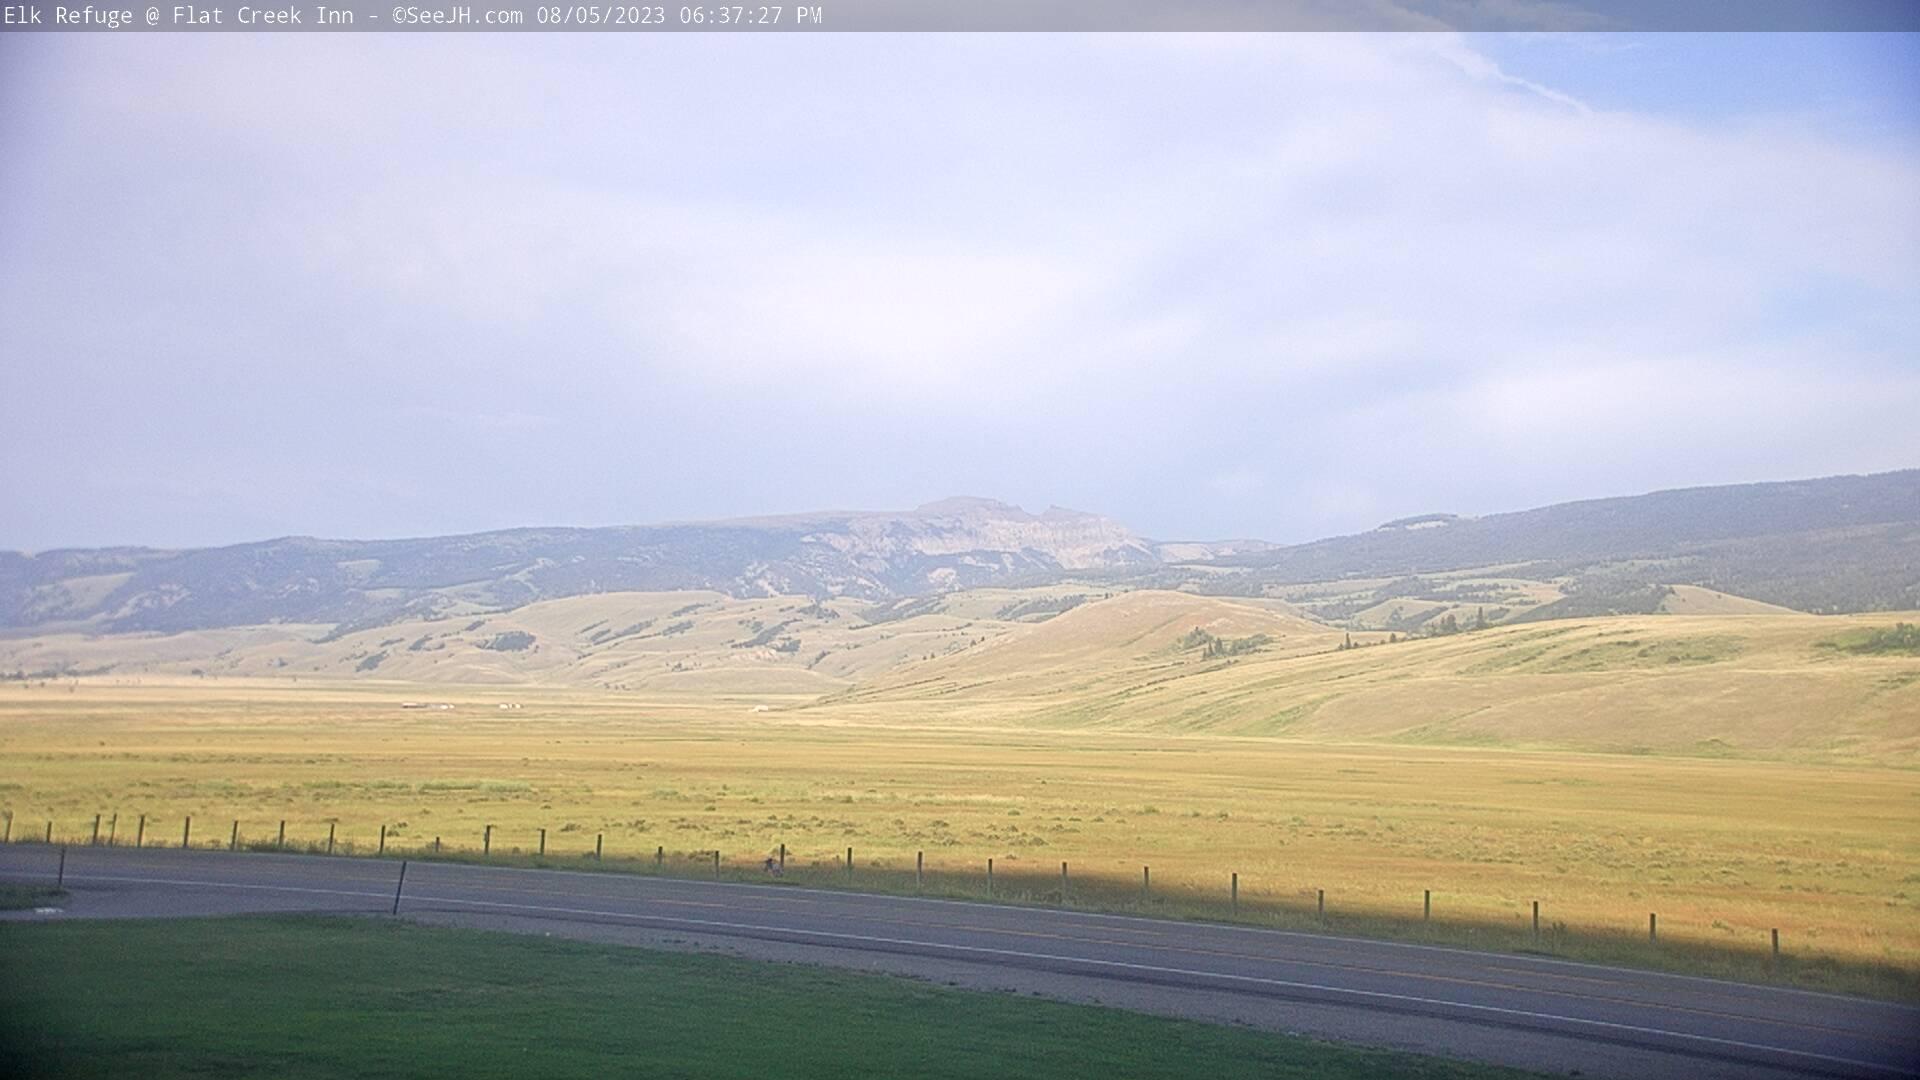 See Jackson Hole National Elk Refuge Live Video Webcam